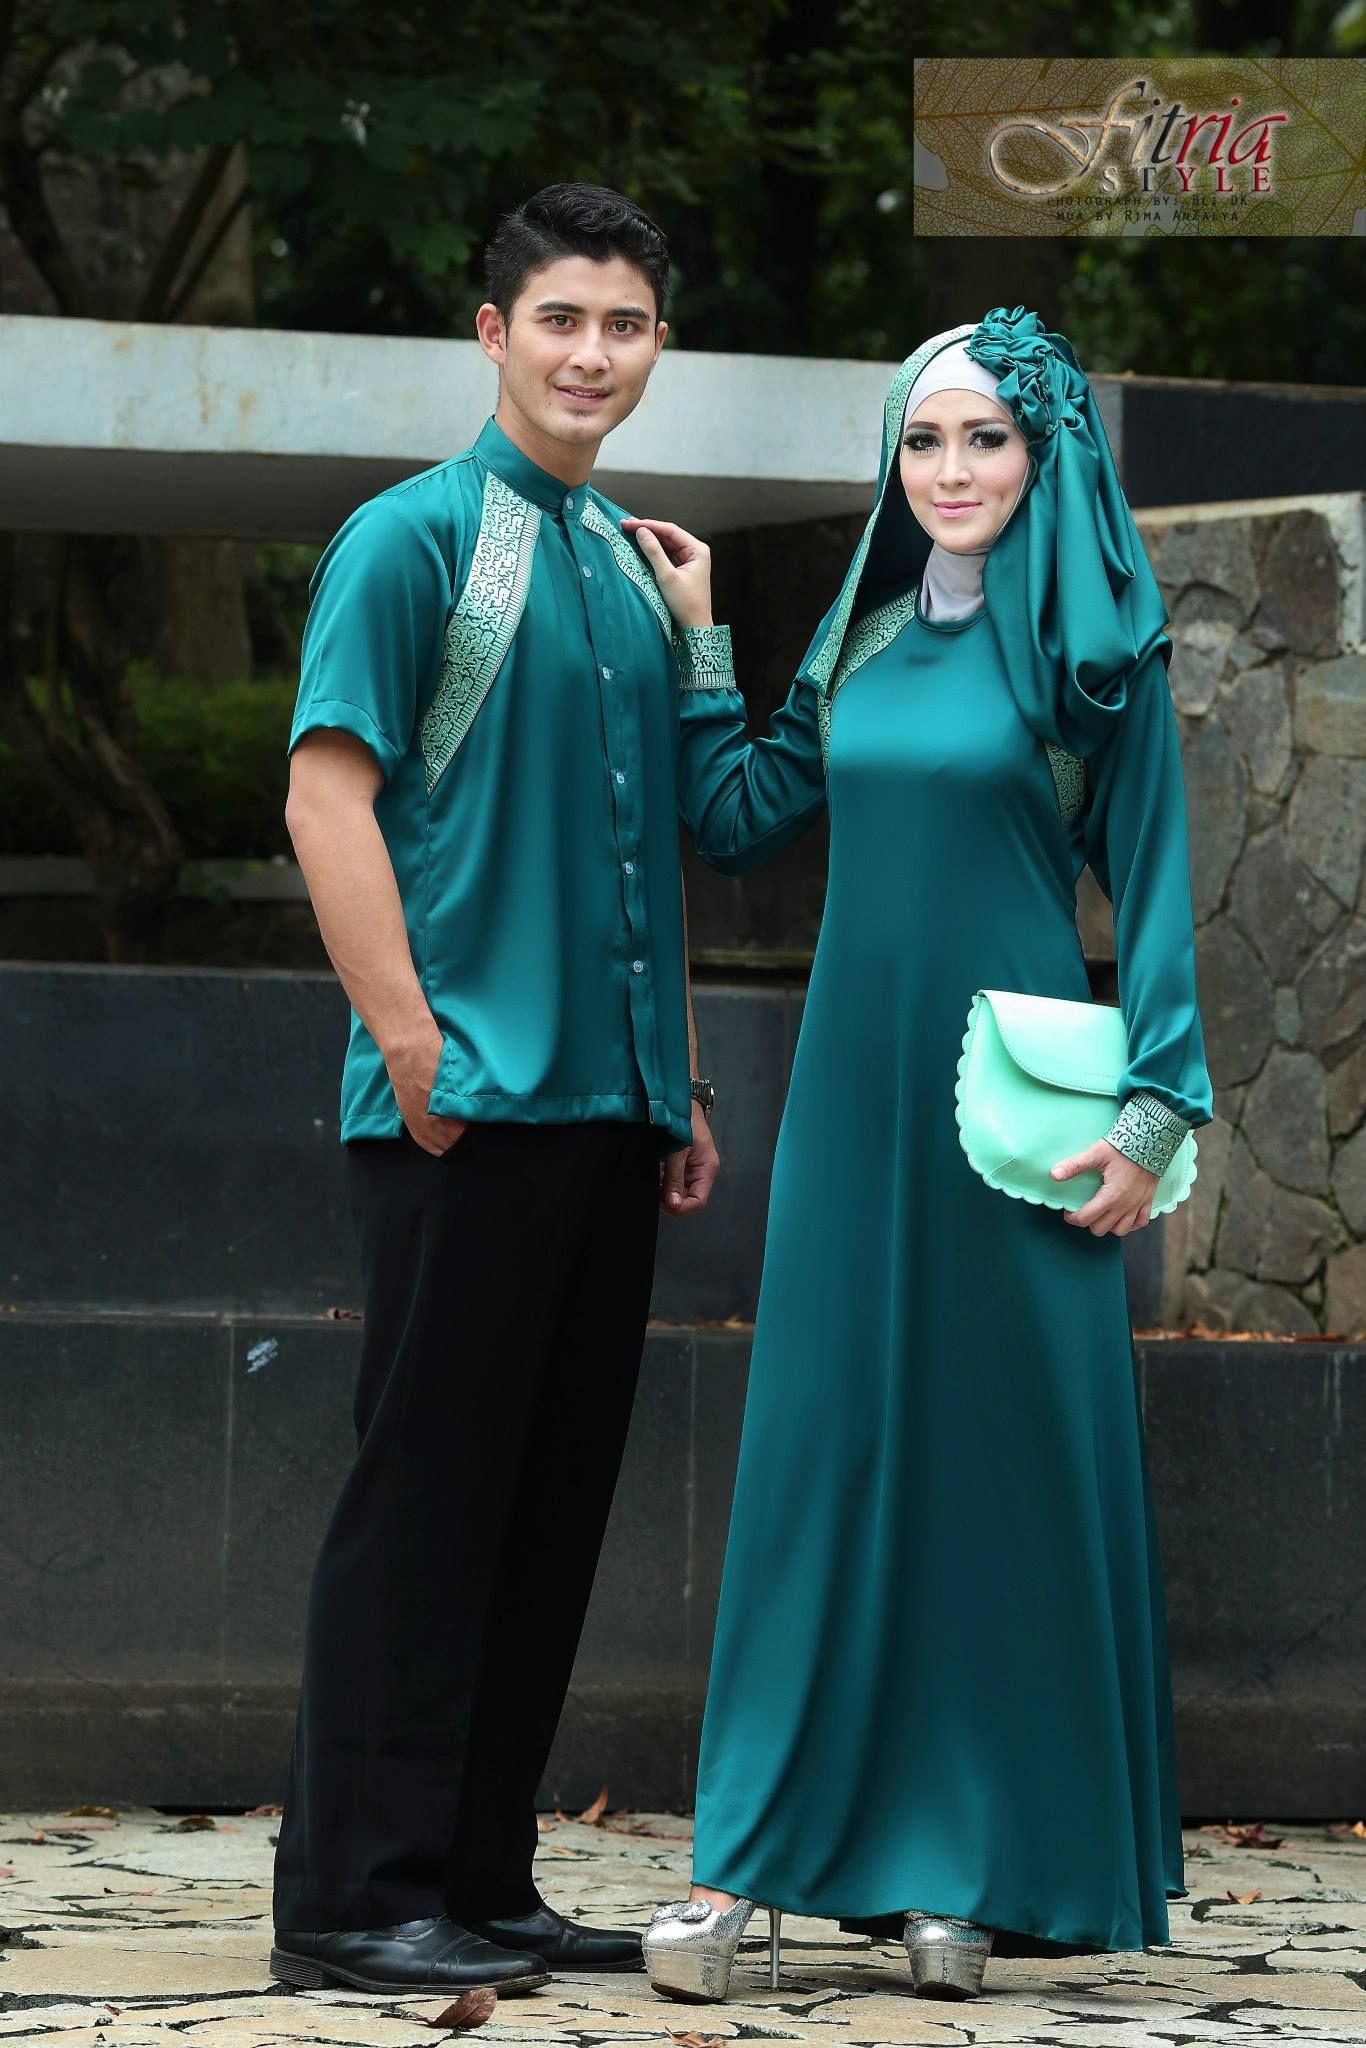 Ketahui Koleksi Baju Muslim Pesta Couple Paling Trendy Disini